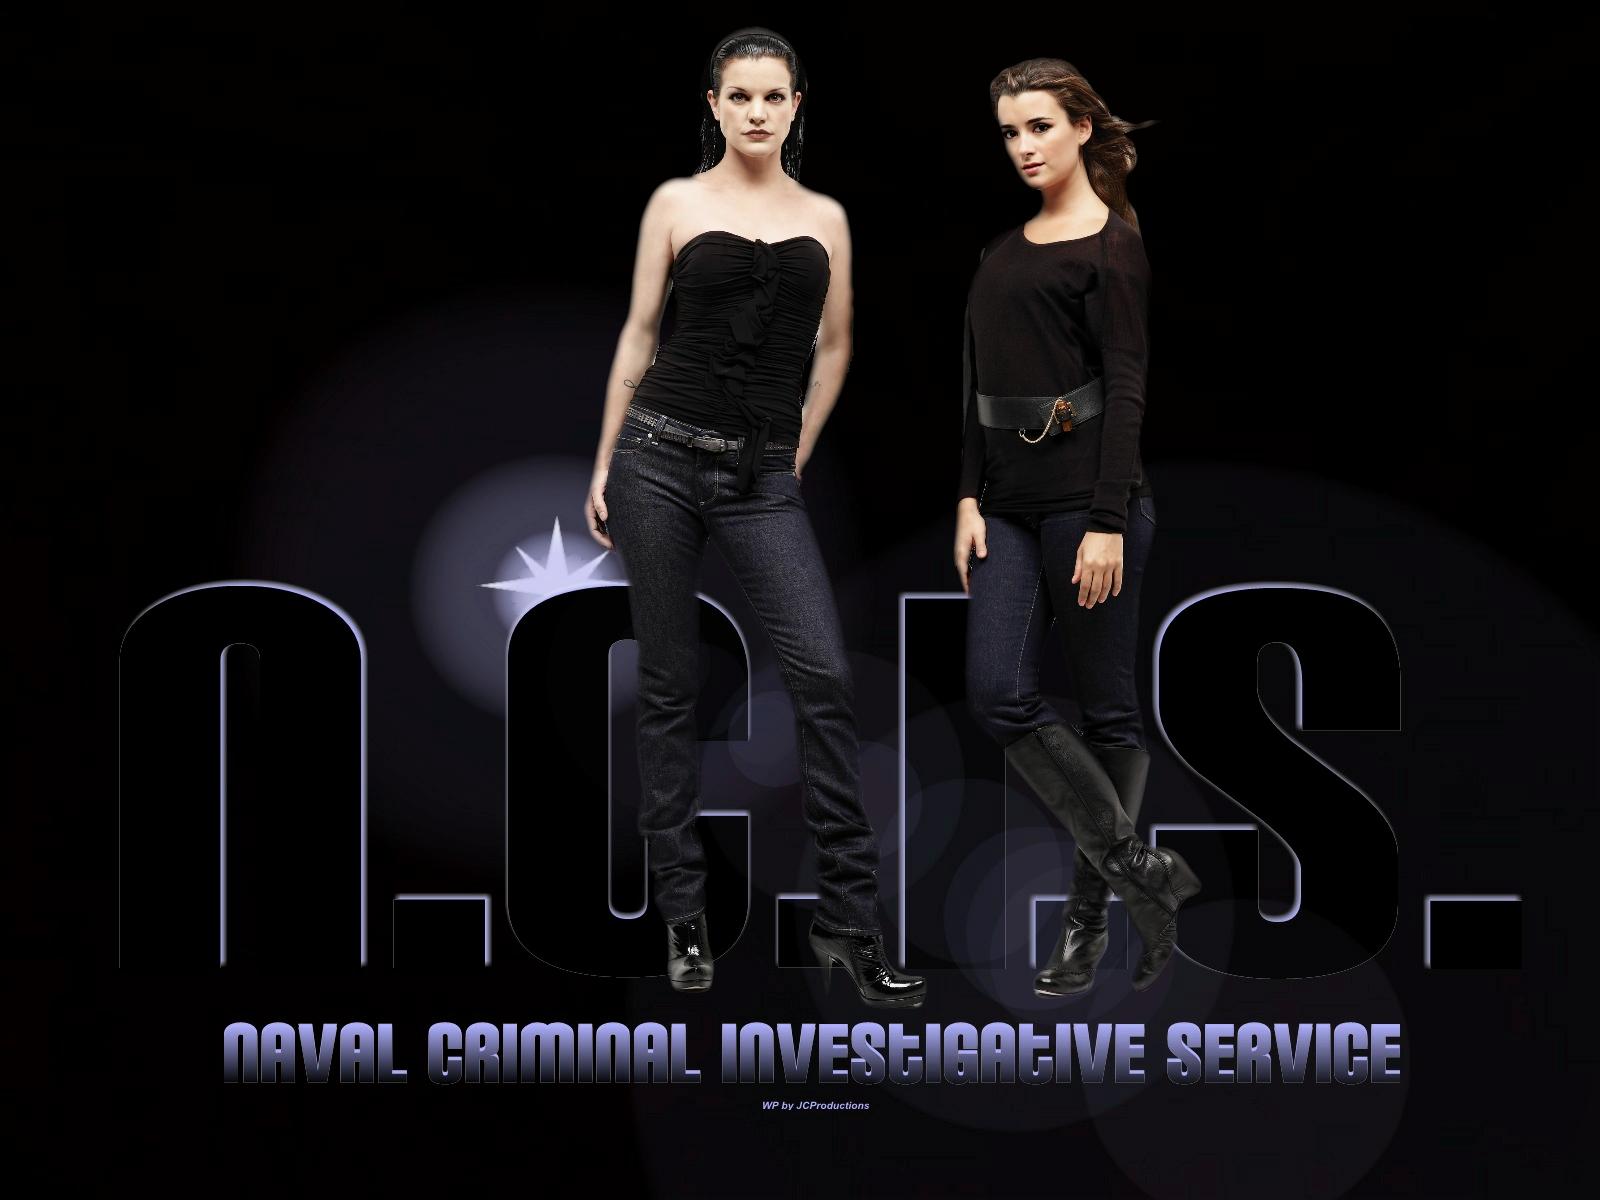 Ziva NCIS Wallpapers - Top Free Ziva NCIS Backgrounds